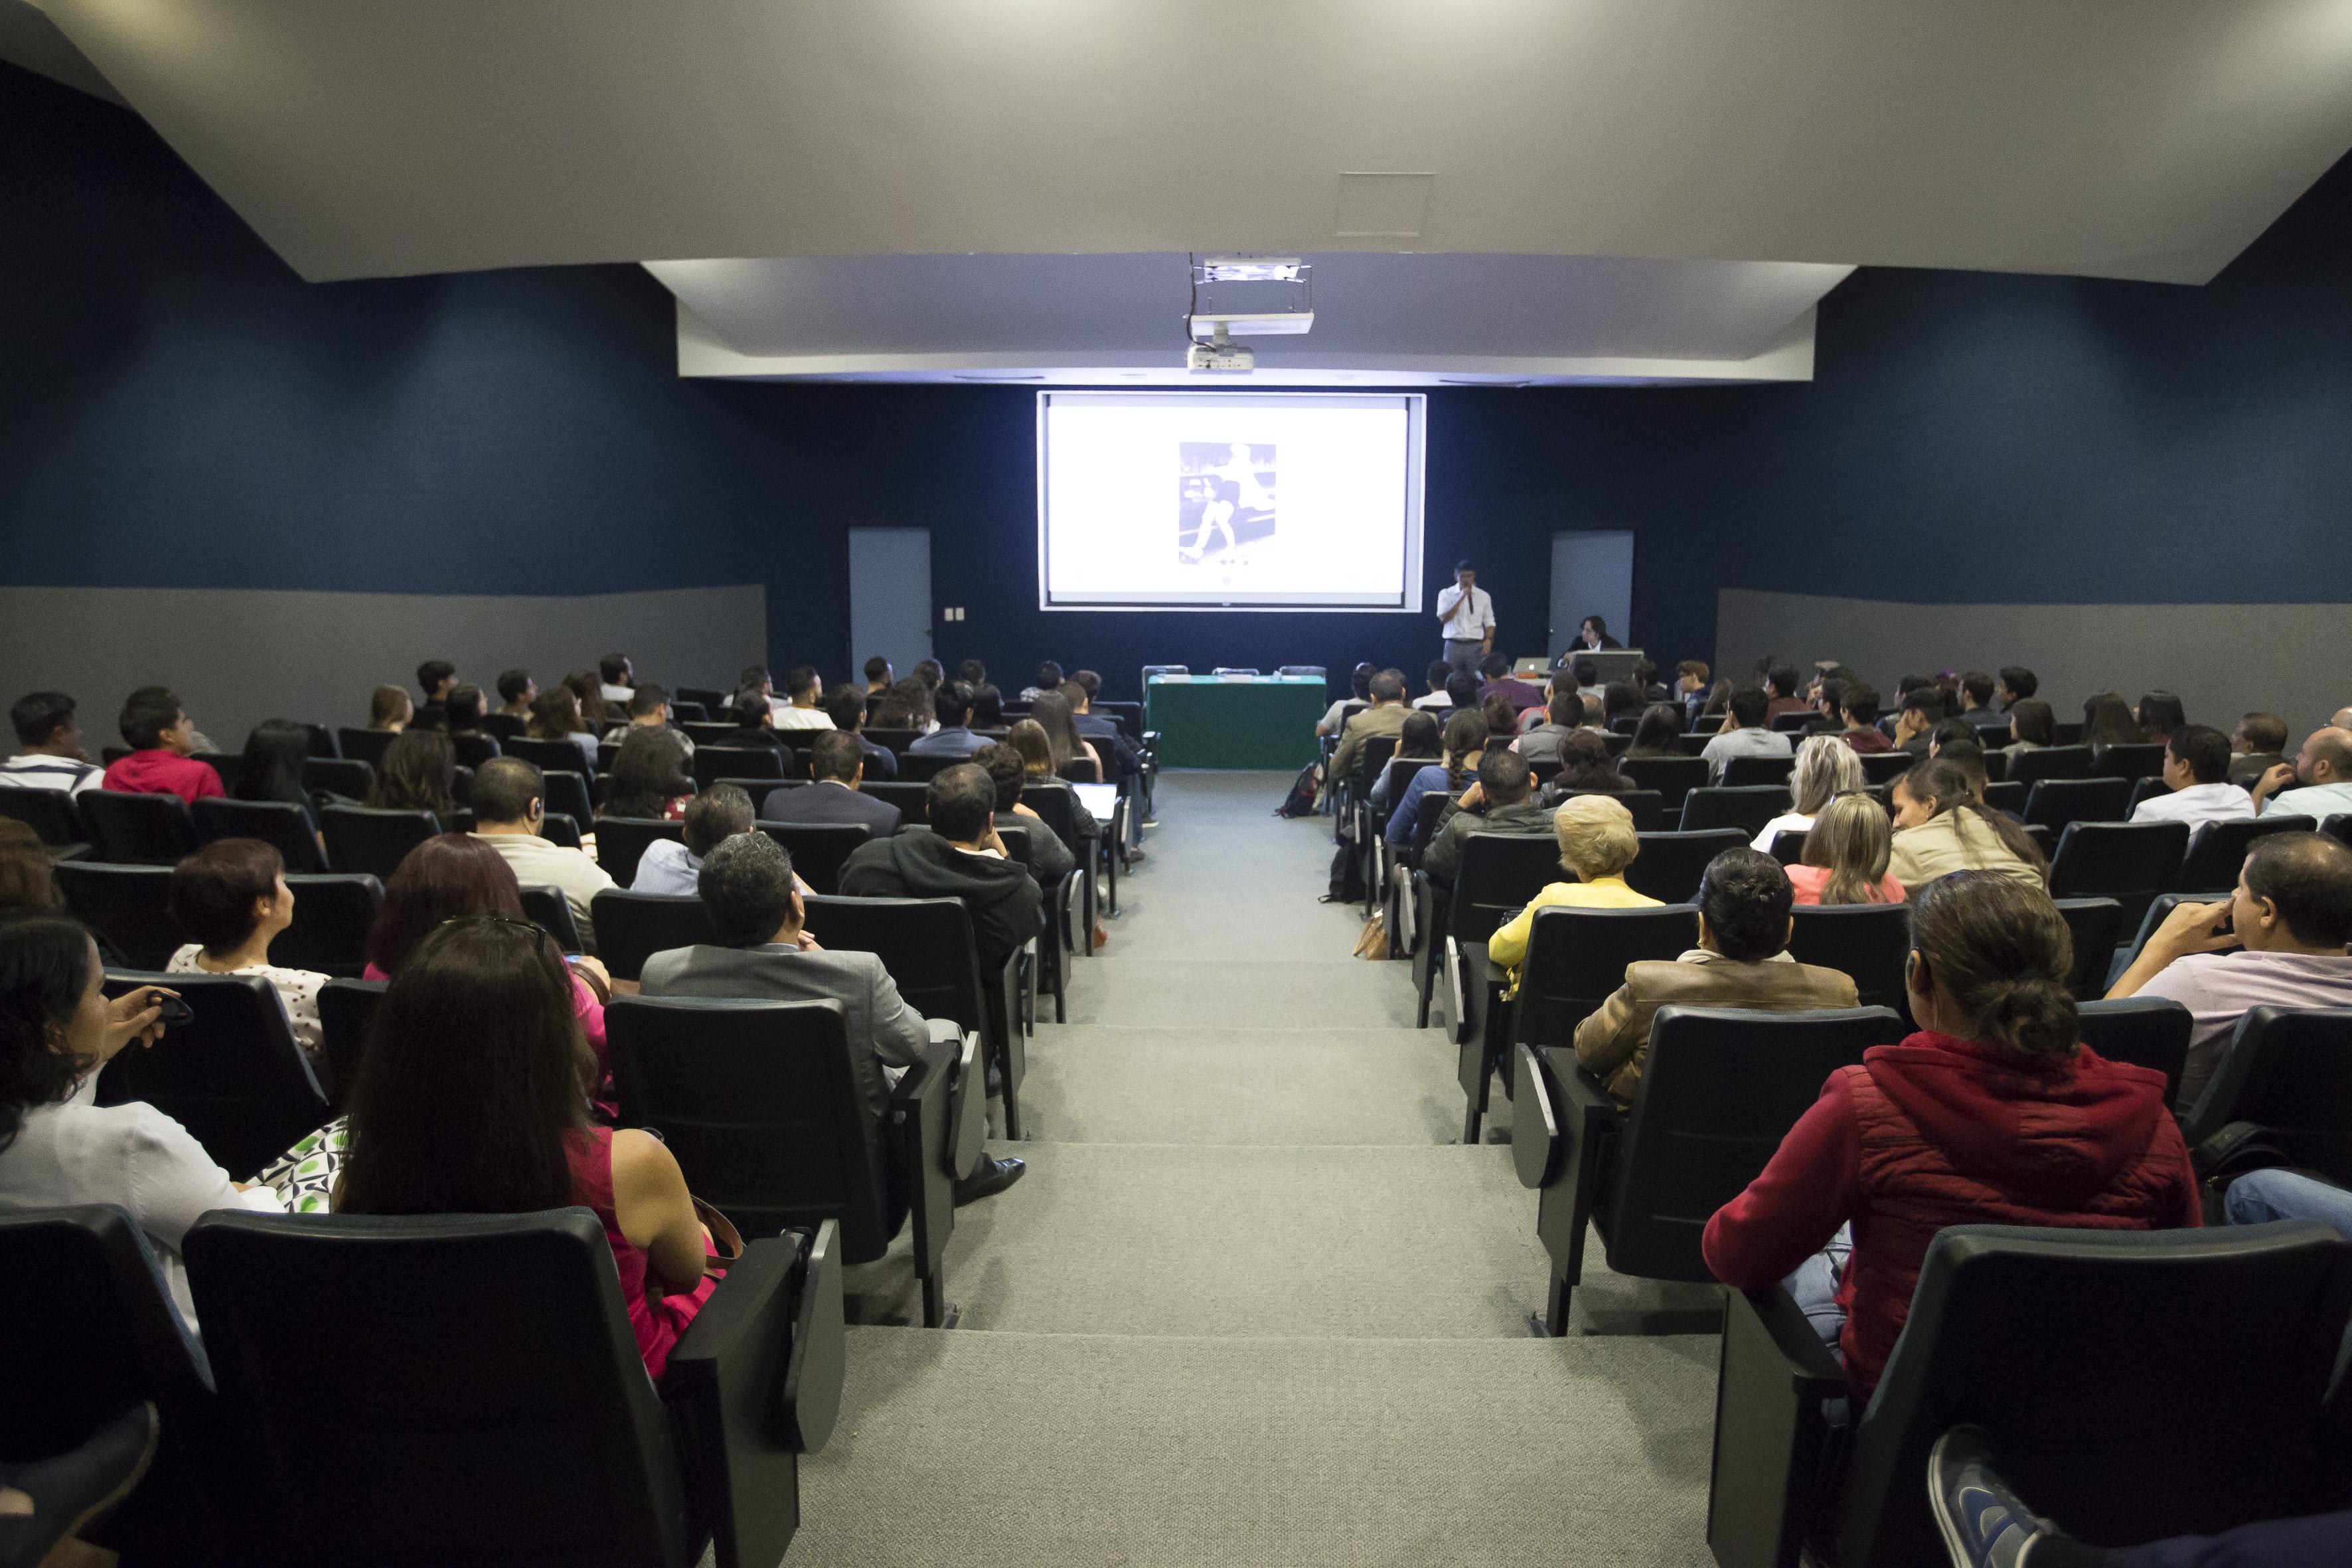 Vista panorámica del aula ampliada del CUCEA, durante conferencia impartida por ponentes del MIT.